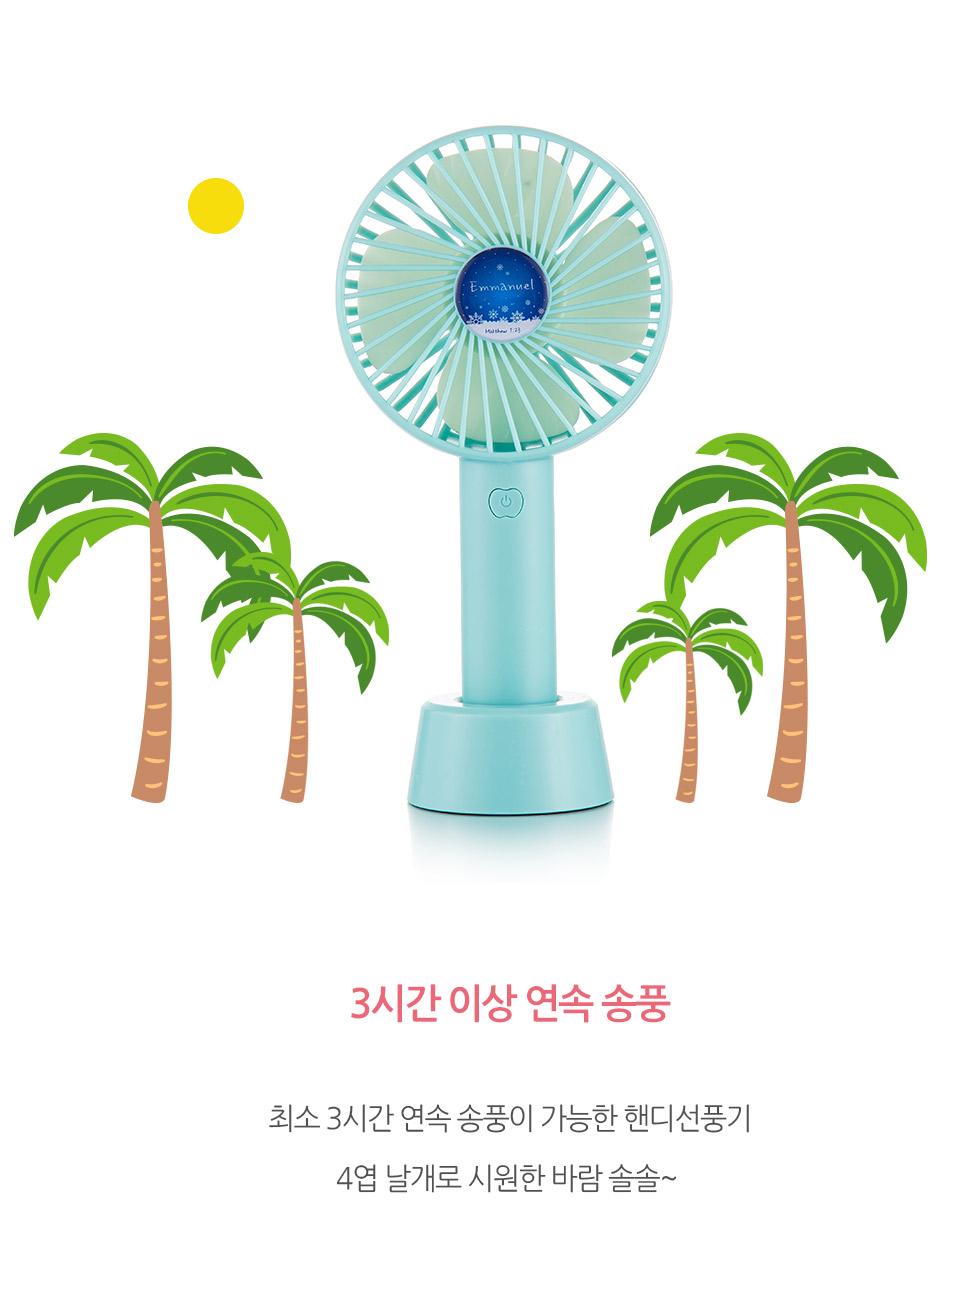 휴대용선풍기 '샬롬' 3종 최소 3시간 이상 연속 송풍이 가능한 핸디선풍기 4엽날개